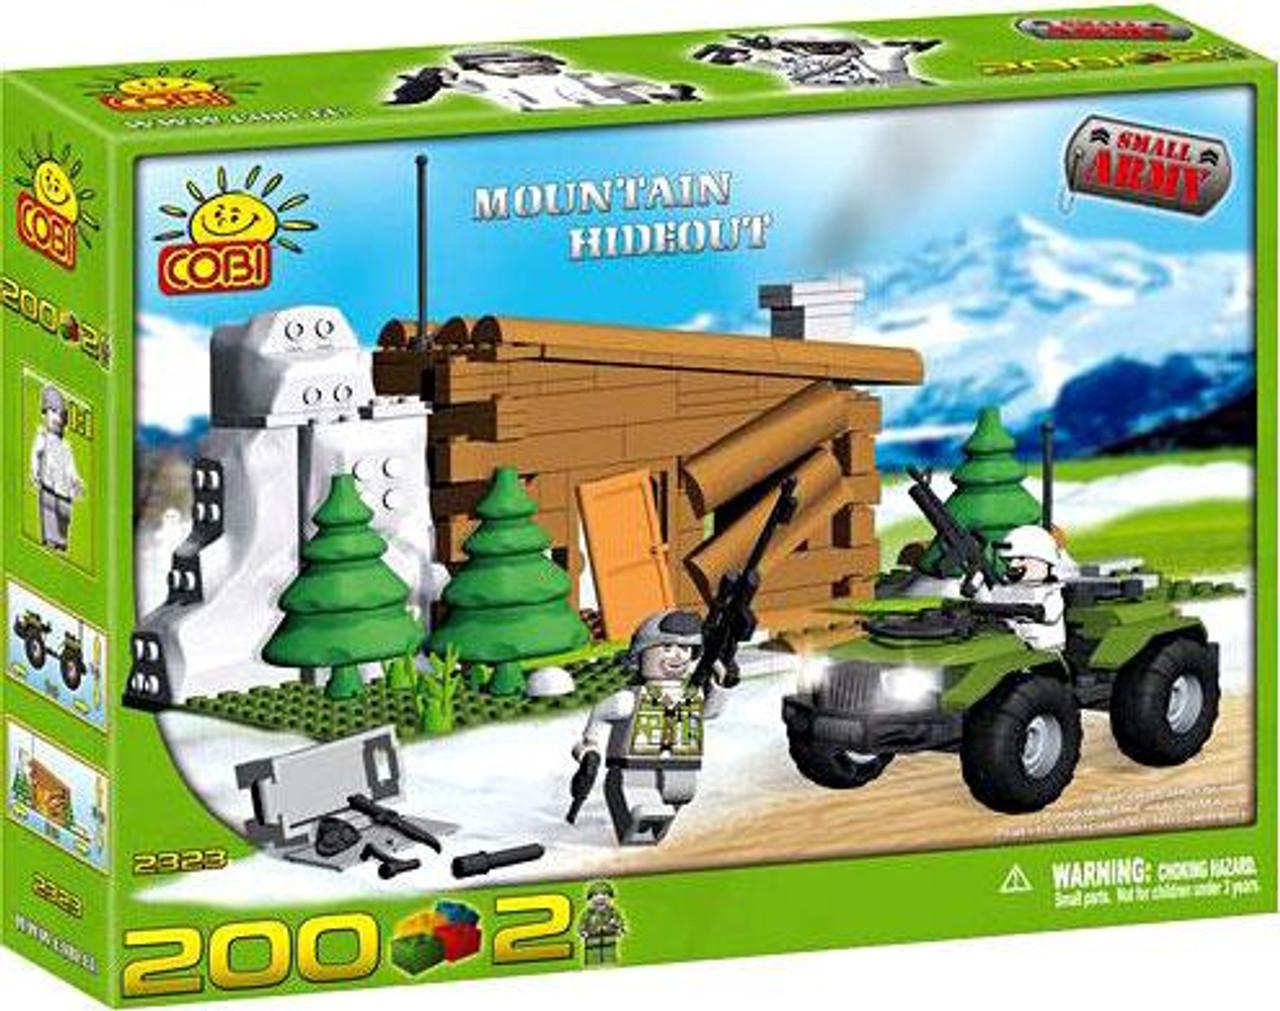 COBI Blocks Small Army Mountain Hideout Set #2323